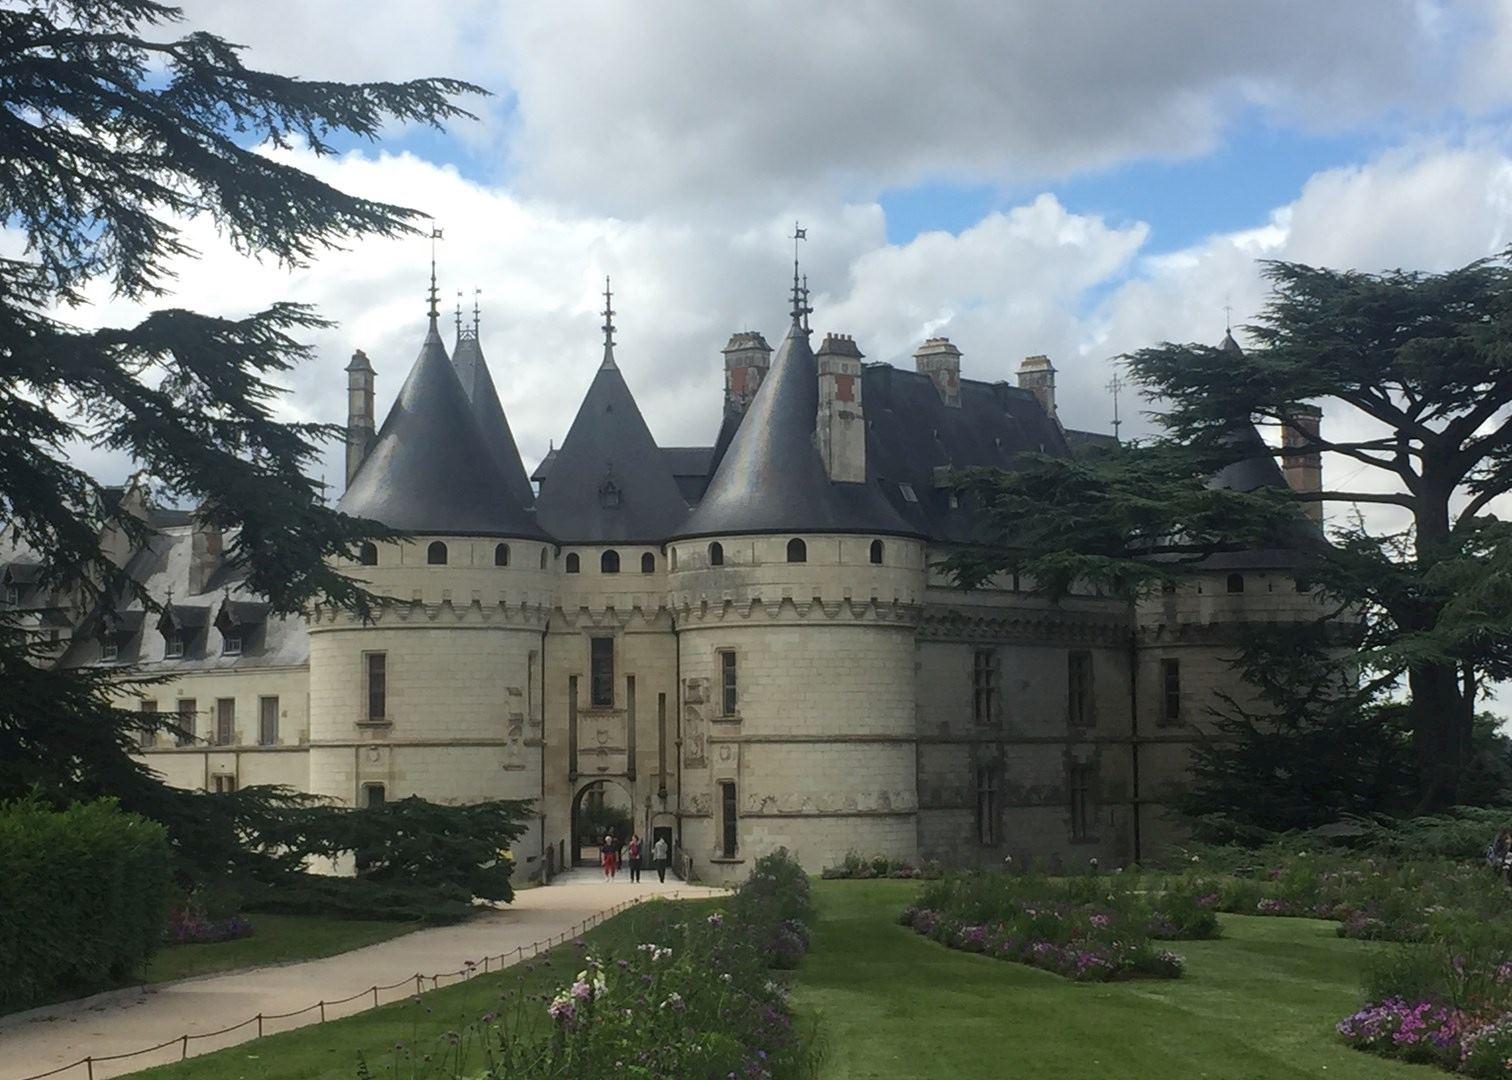 Super Visit Château de Chaumont-sur-Loire, France | Audley Travel ME22